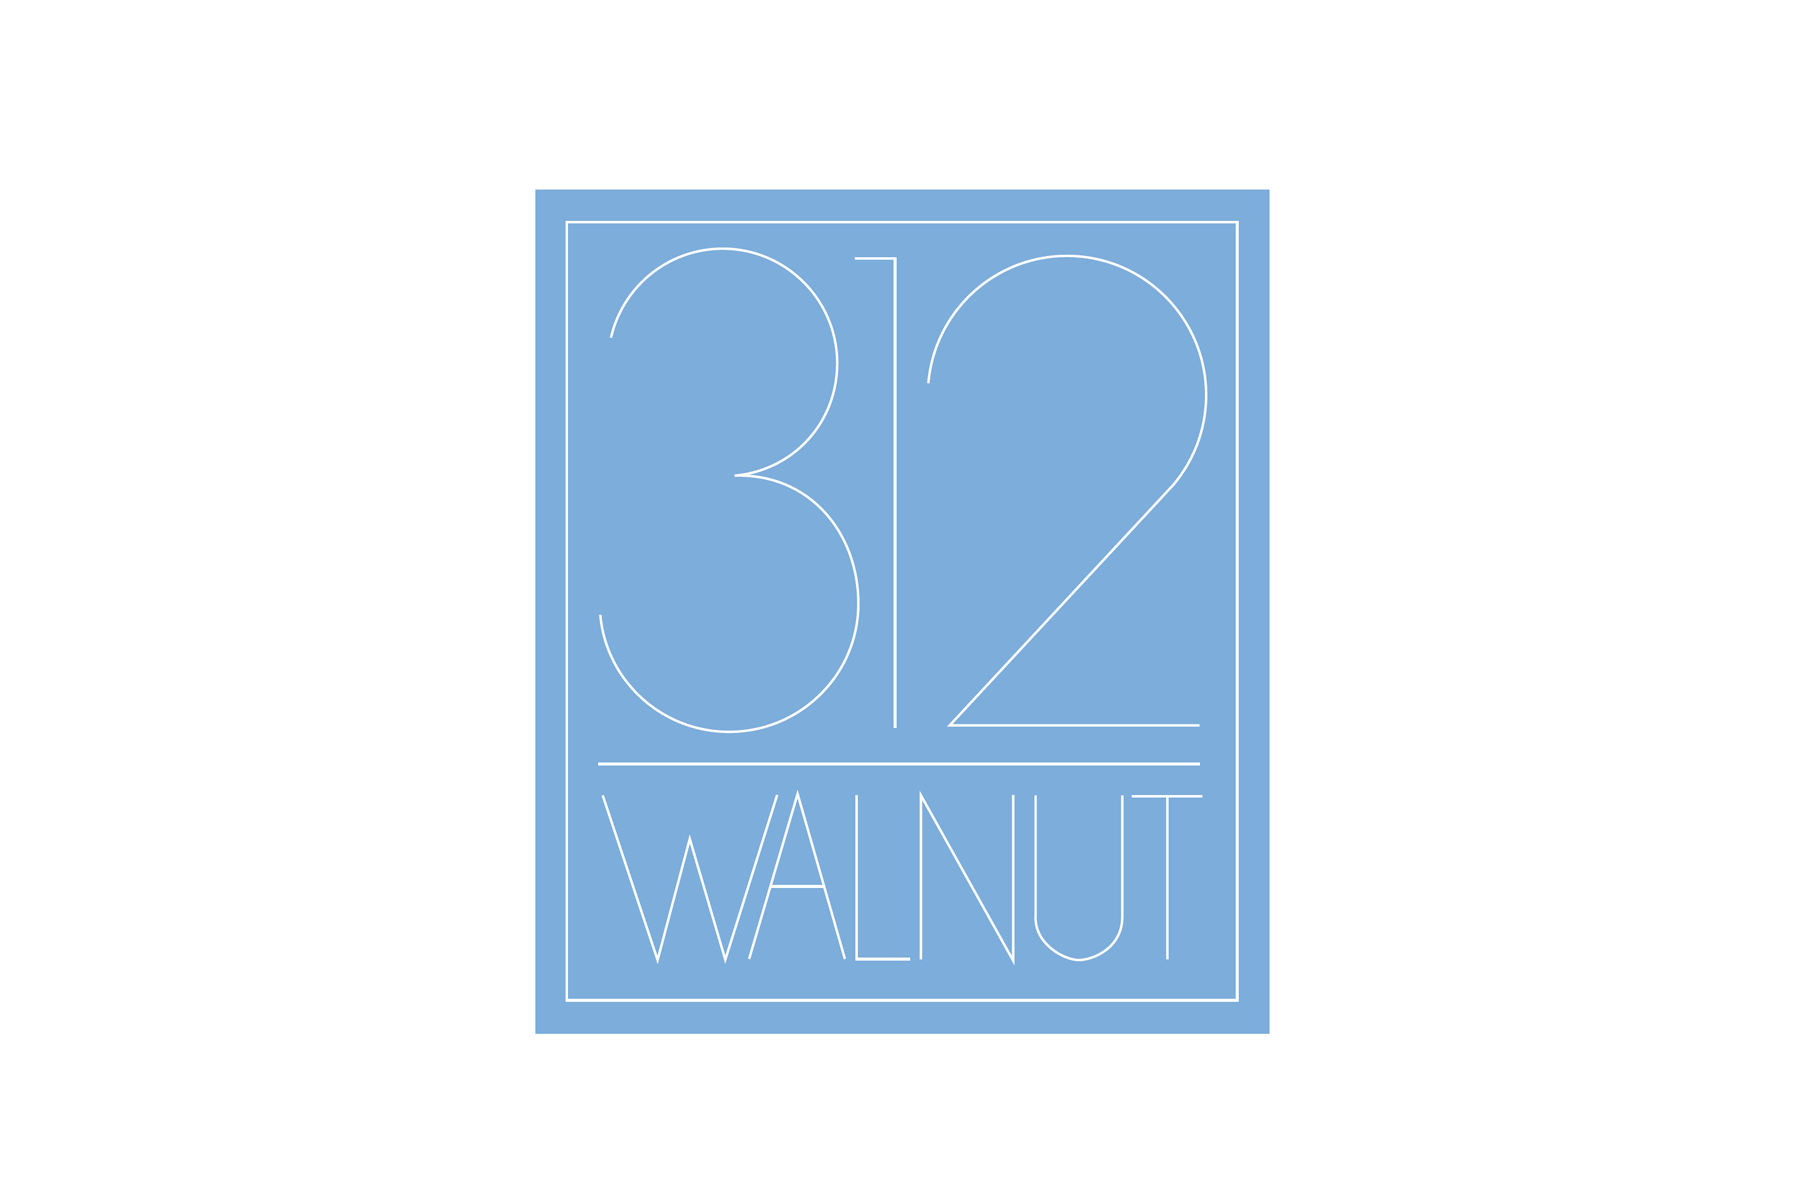 312-walnut-1800x1200